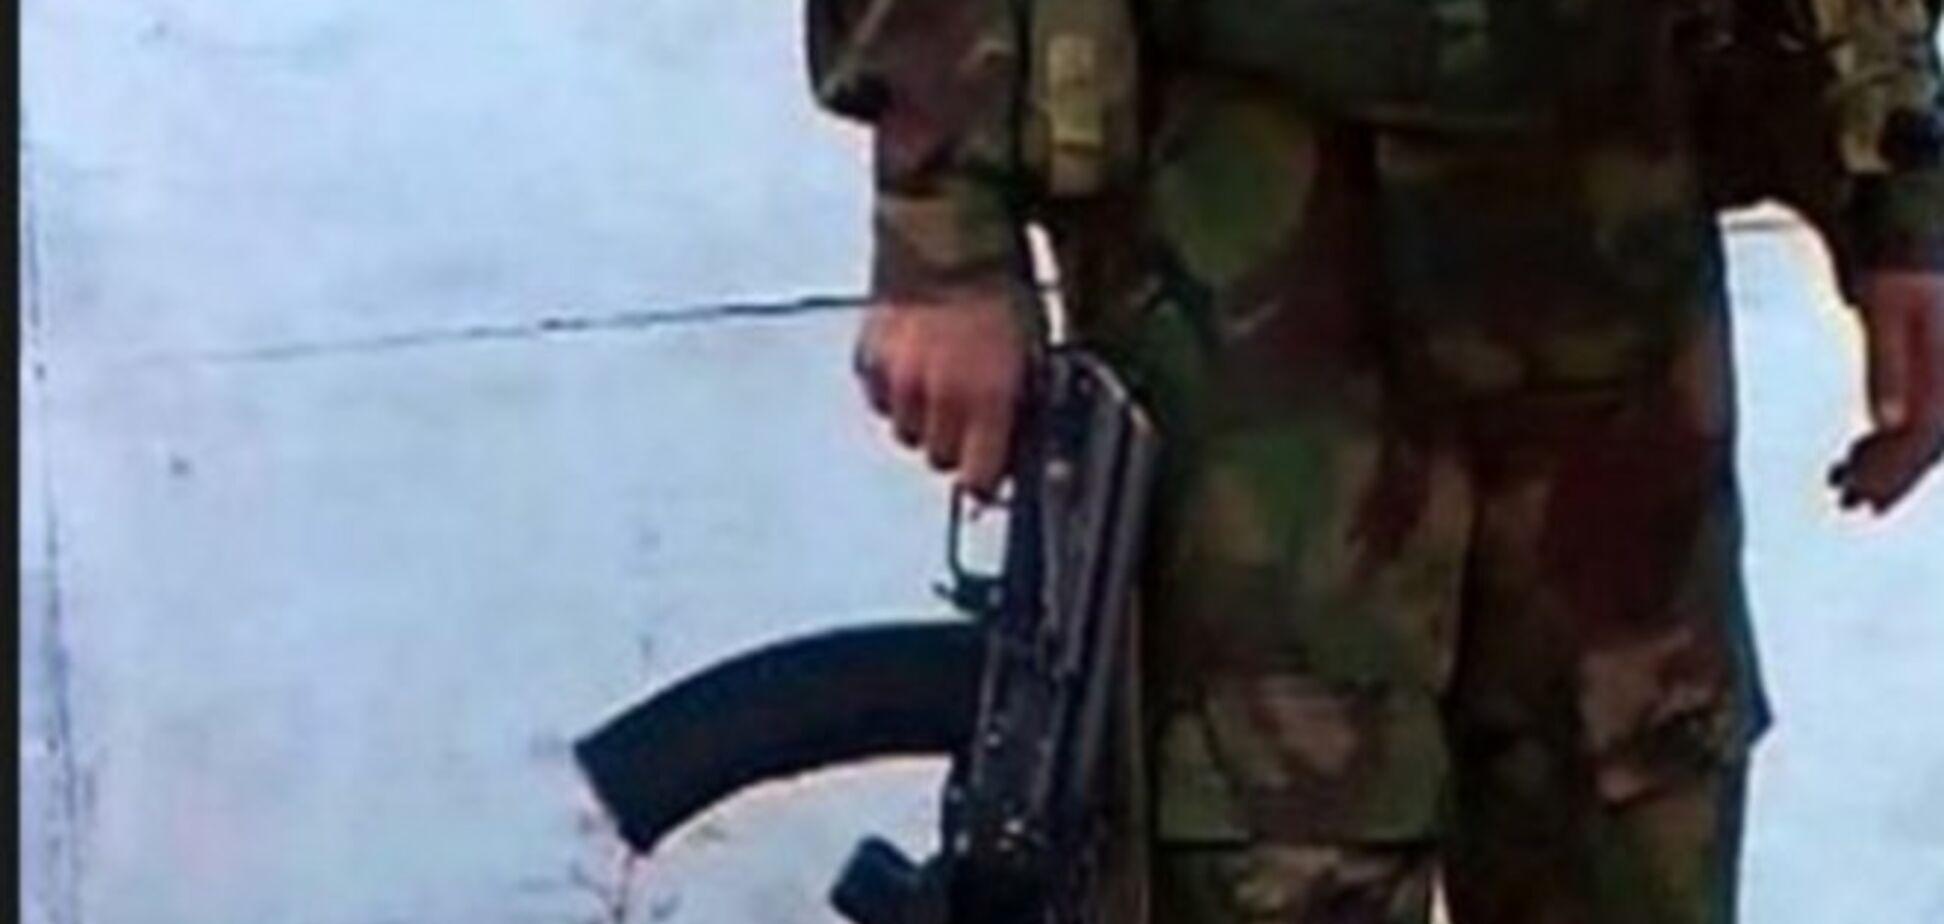 В Армении российский военный зашел в дом попить и убил семью из шести человек